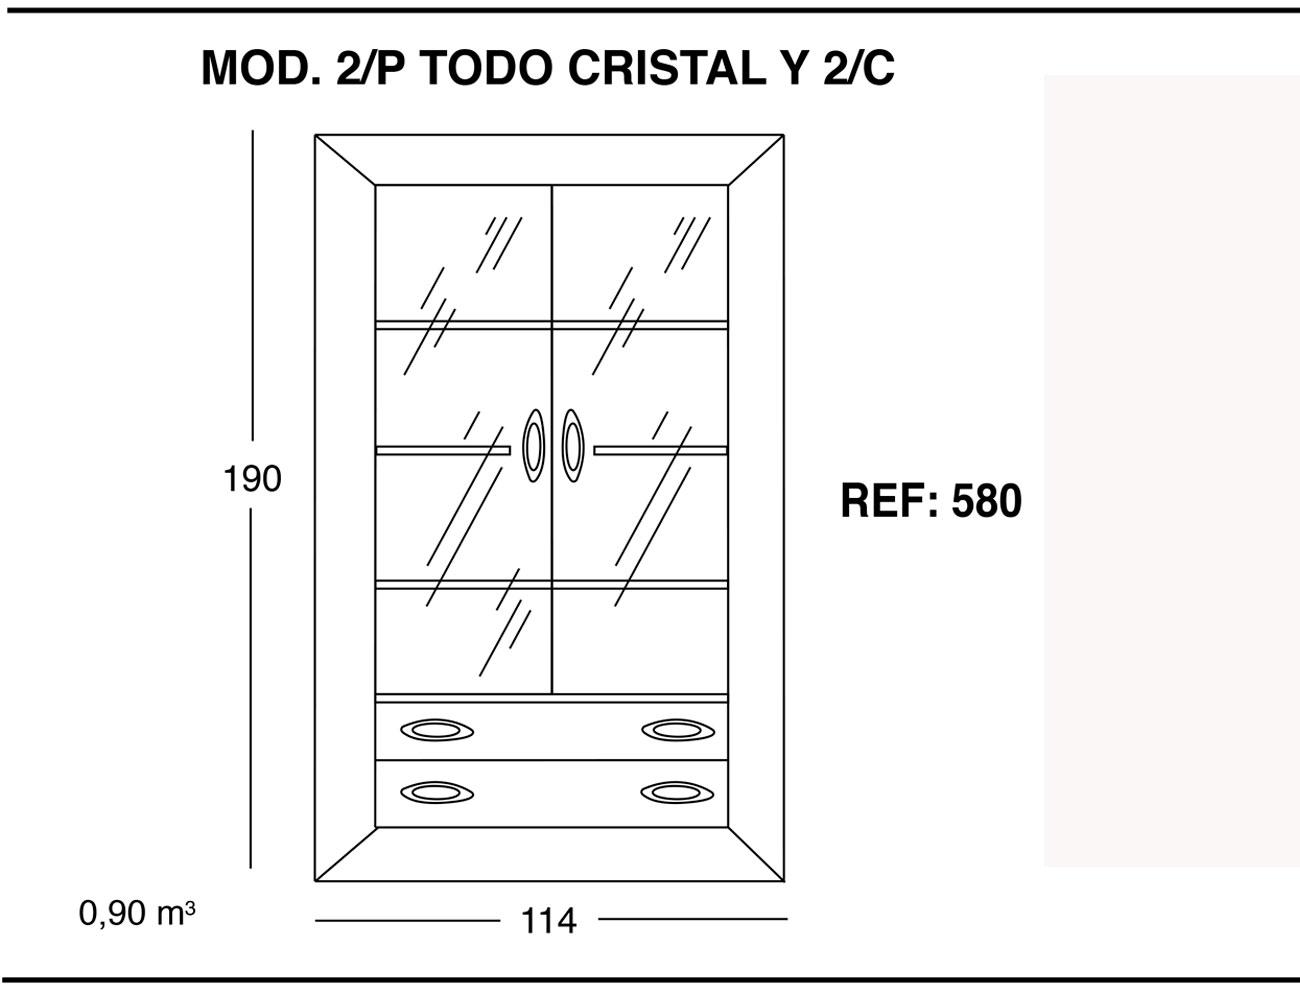 Modulo 2 puertas todo cristal 2 cajones 190 114